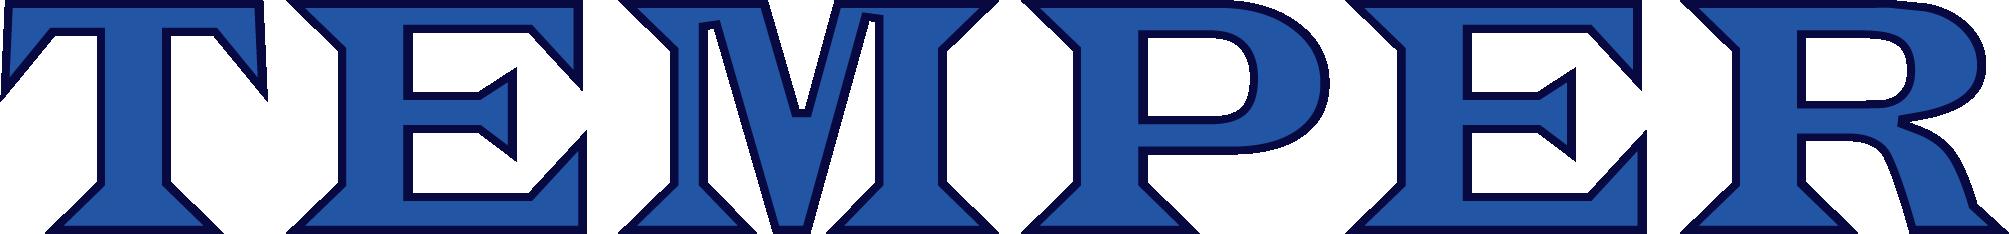 preloader-image